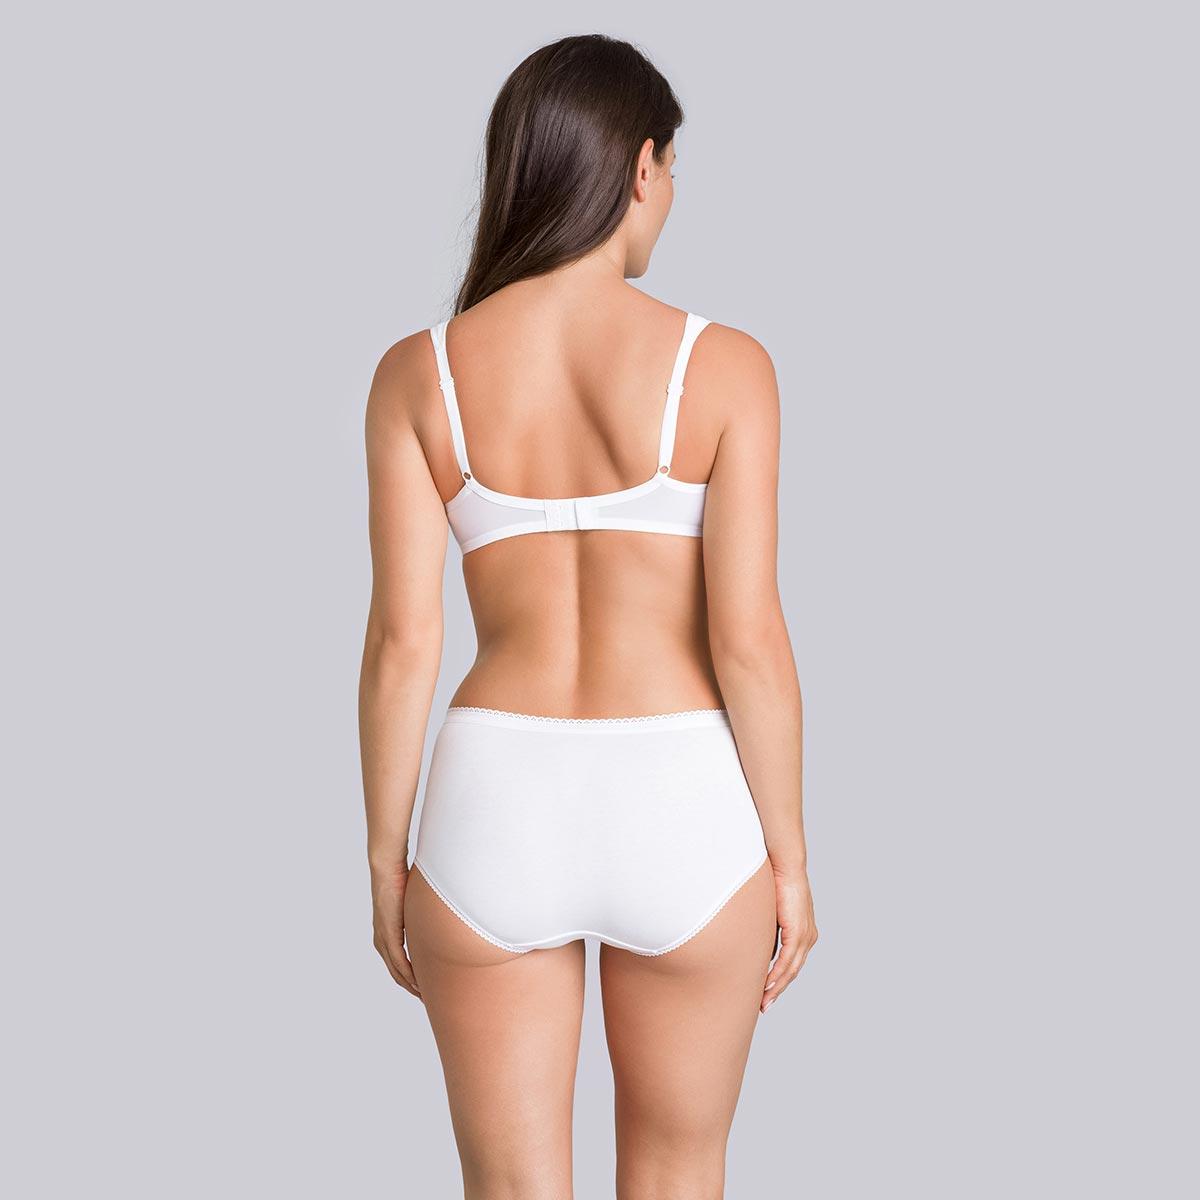 Minimiser Bra in White - Expert in Silhouette-PLAYTEX